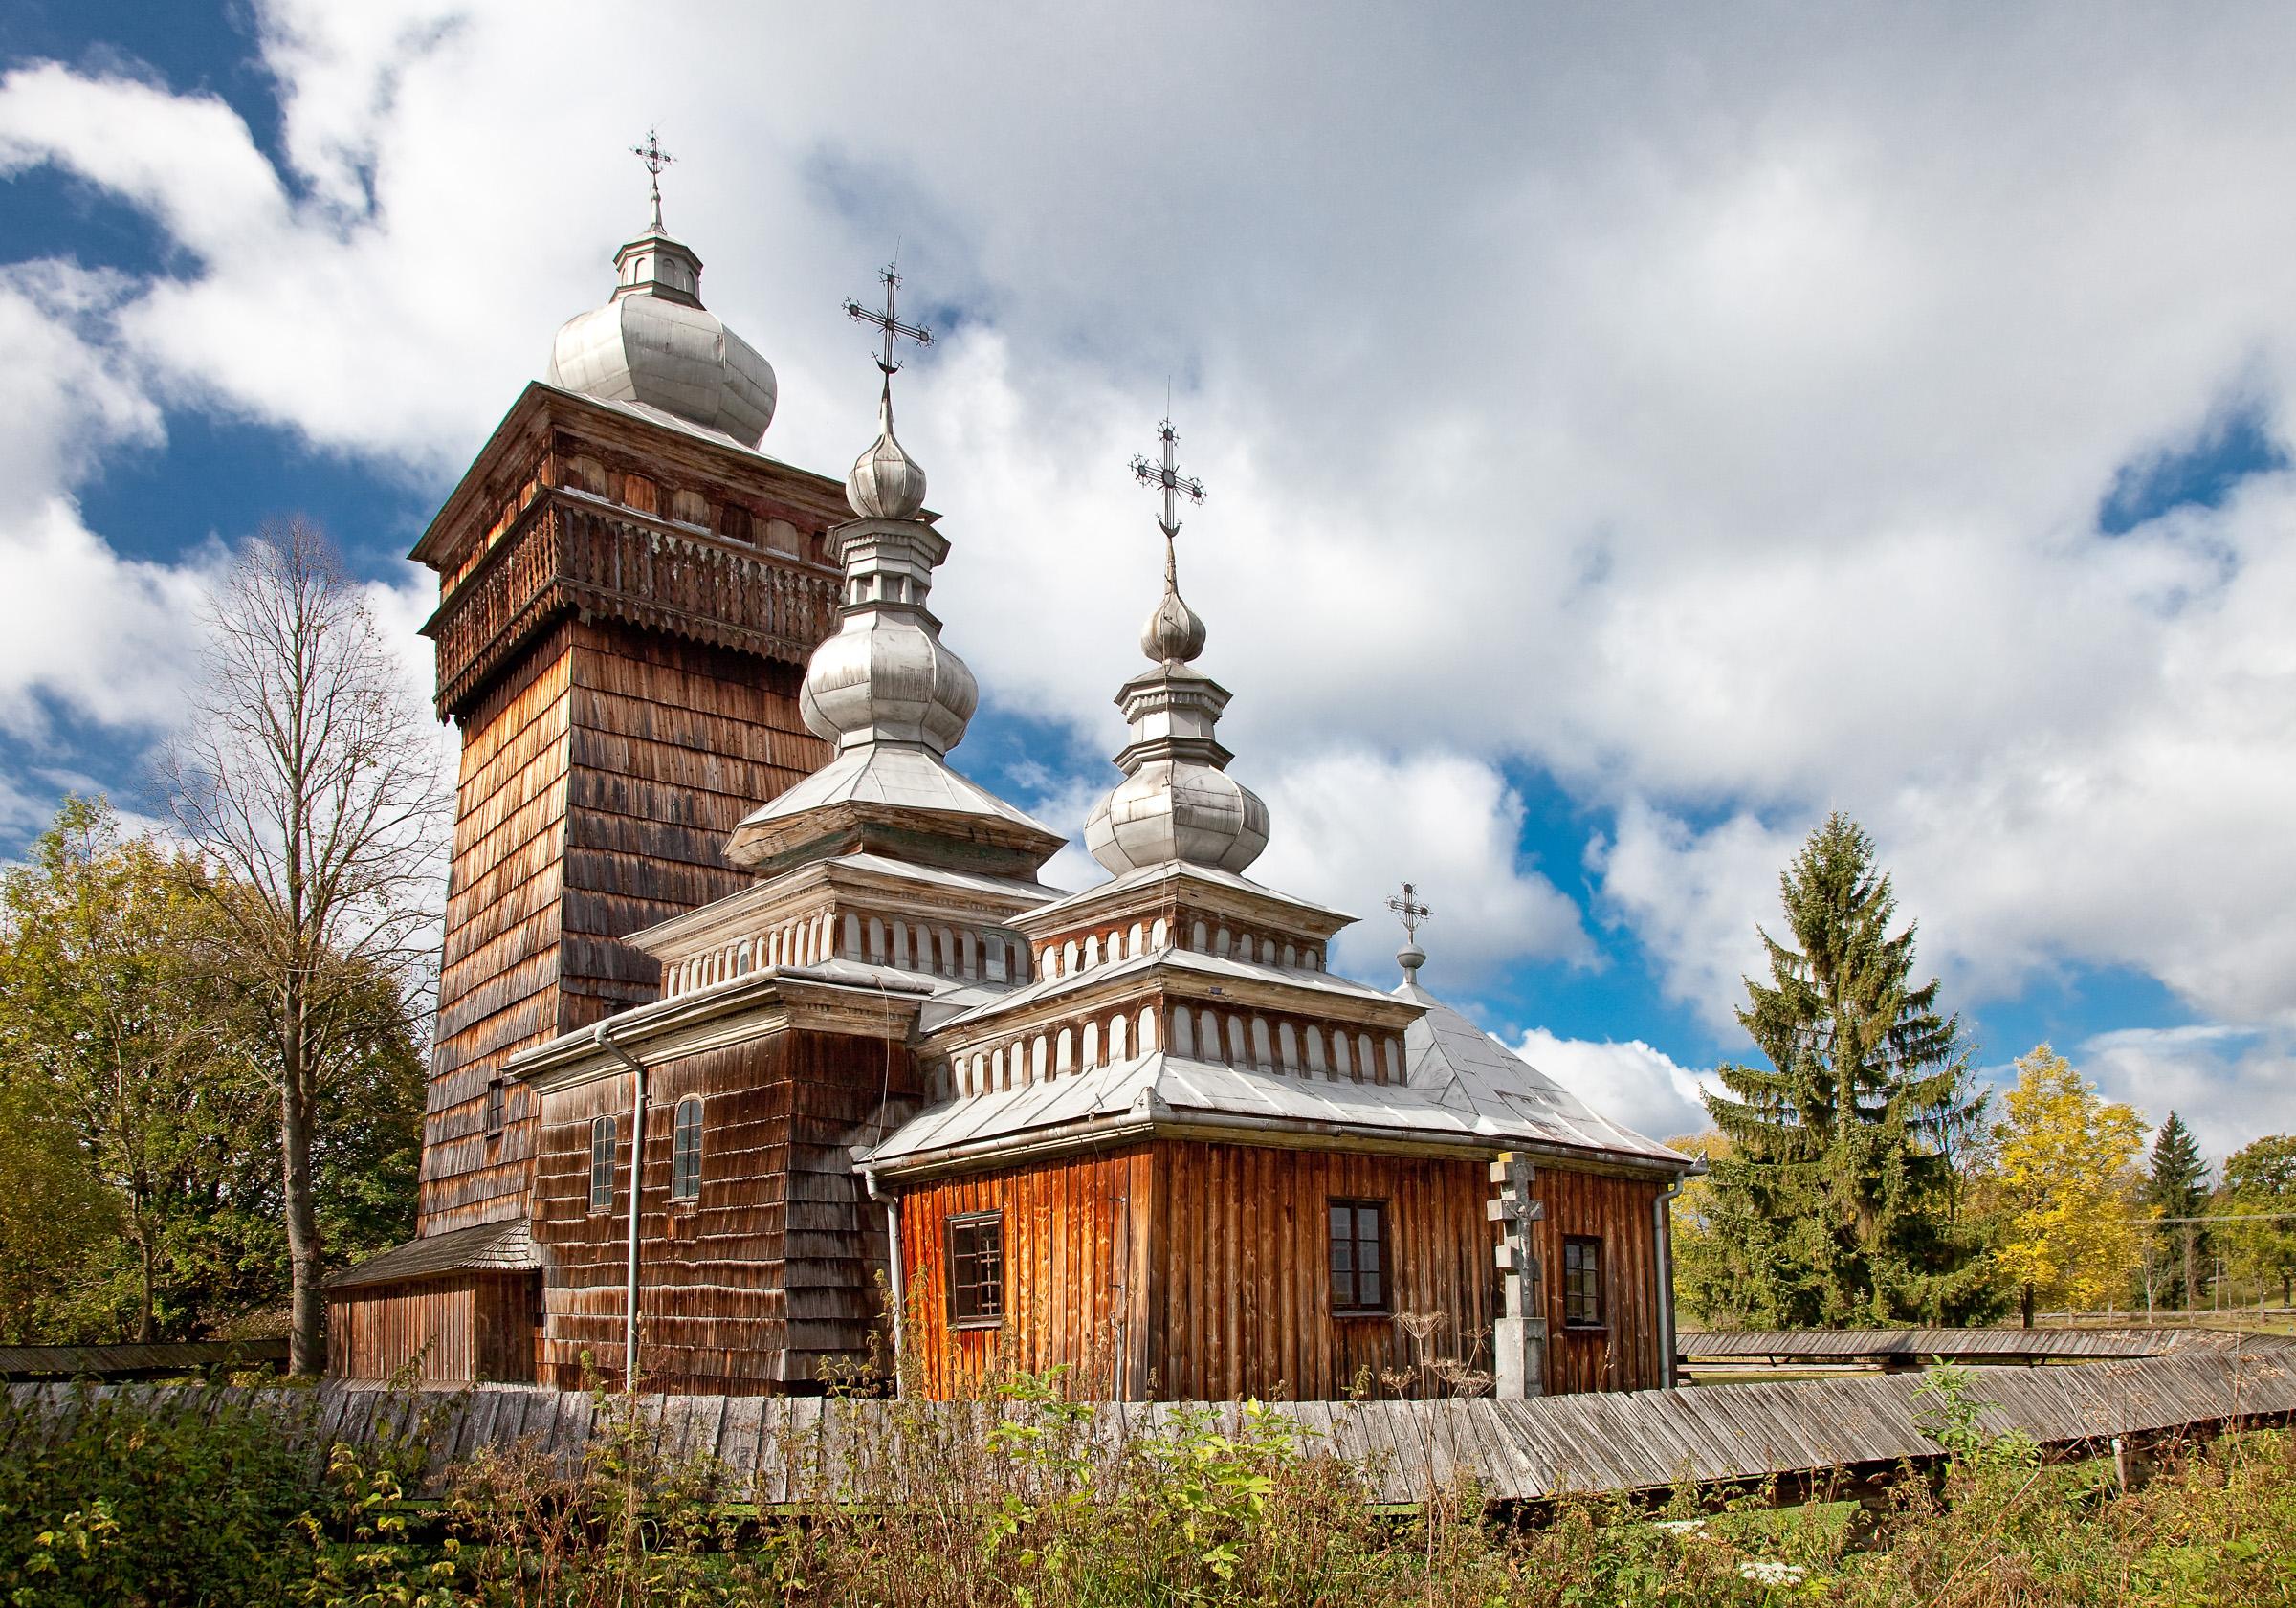 Świątkowa Wielka. Drewniana cerkiew greckokatolicka pw. św. Michała Archanioła z 1757 r. fot. Krzysztof Zajączkowski